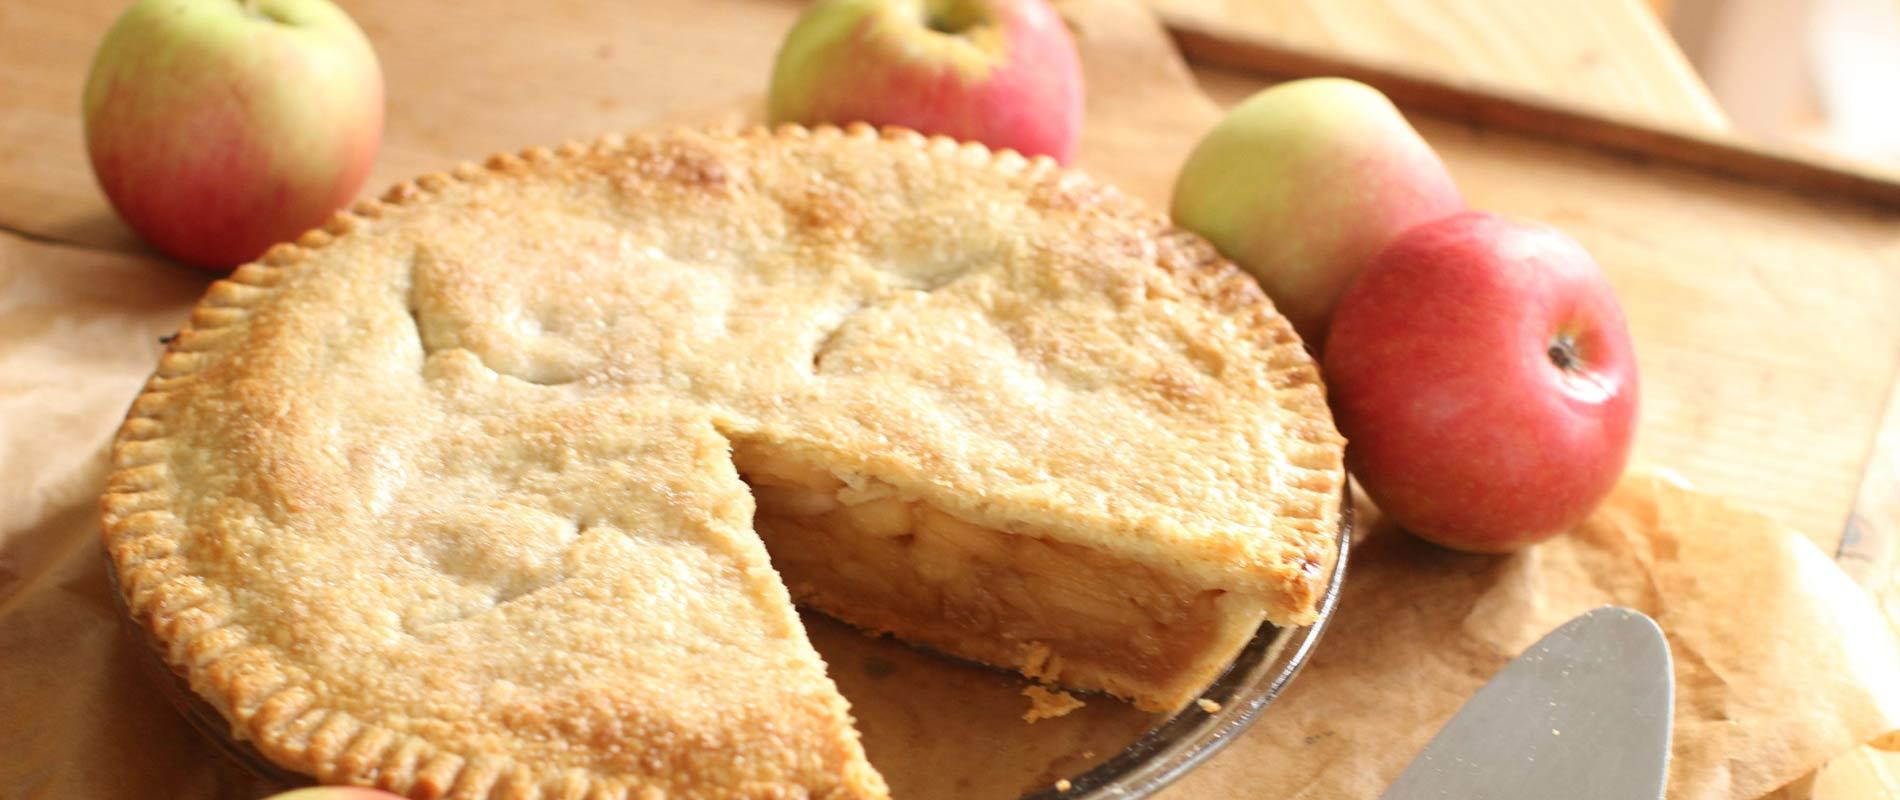 apple pie new york